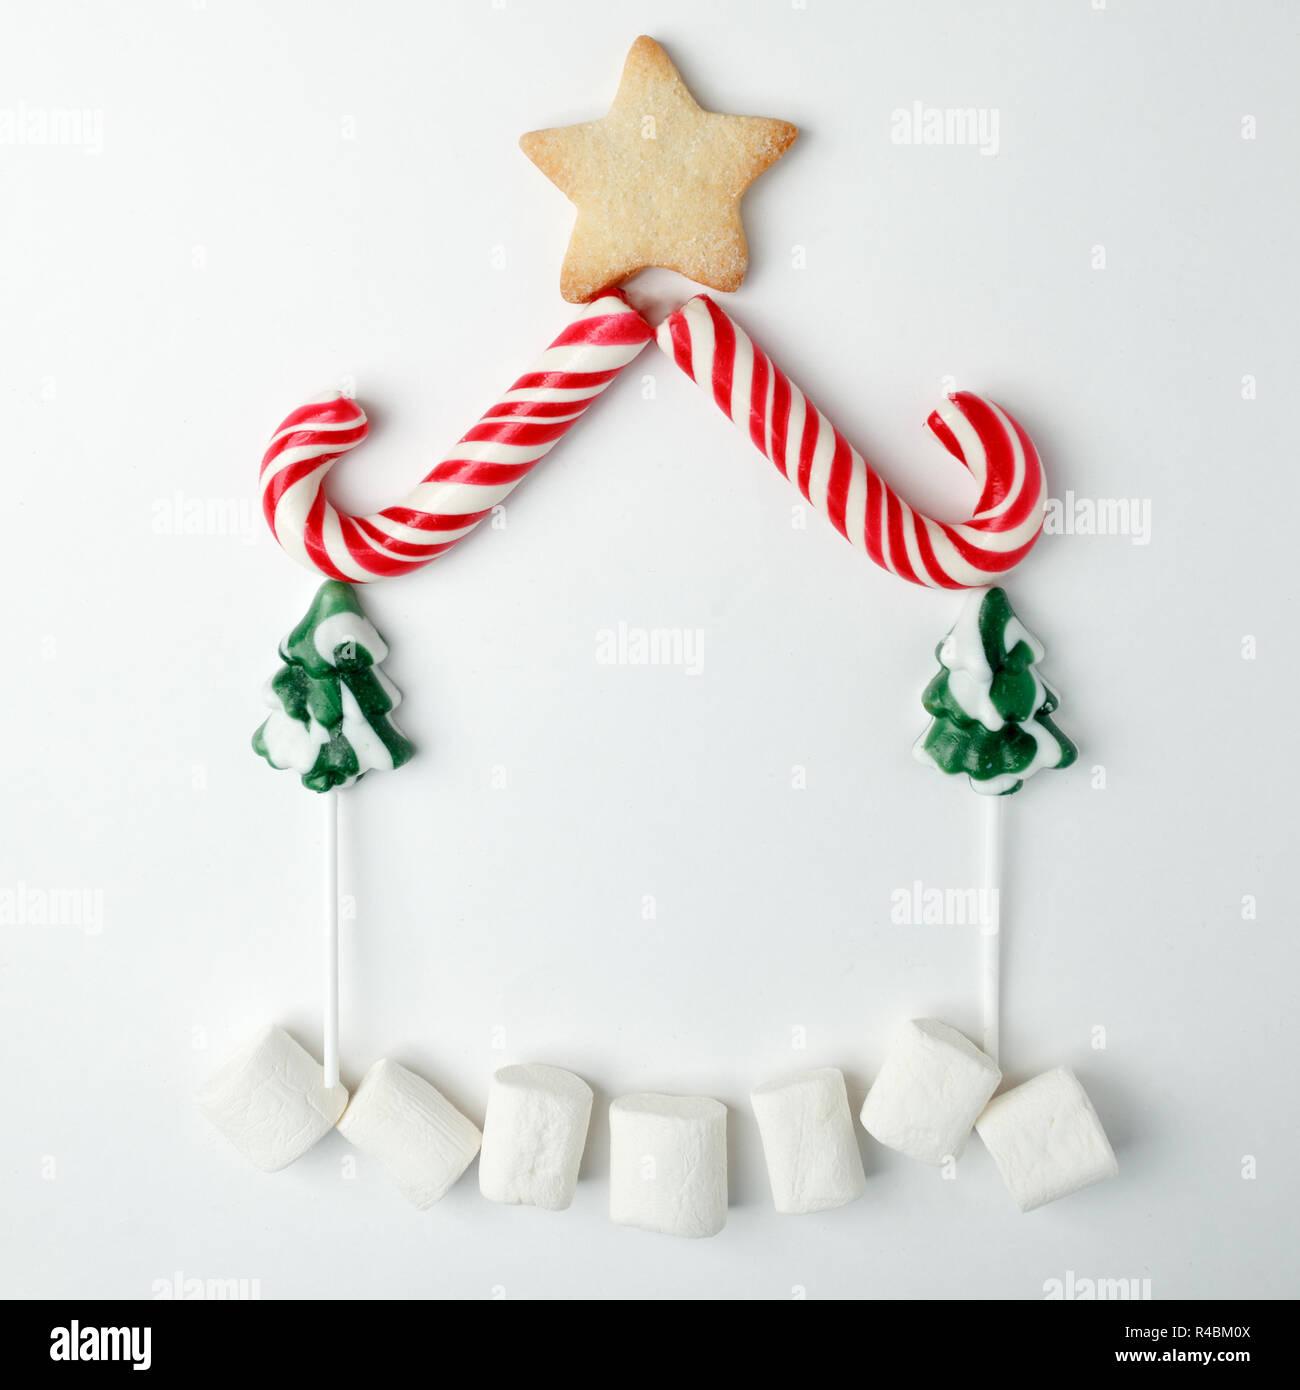 Oggetti Di Natale.Oggetti Di Natale Stabiliti Nella Forma Di Una Casa Natale